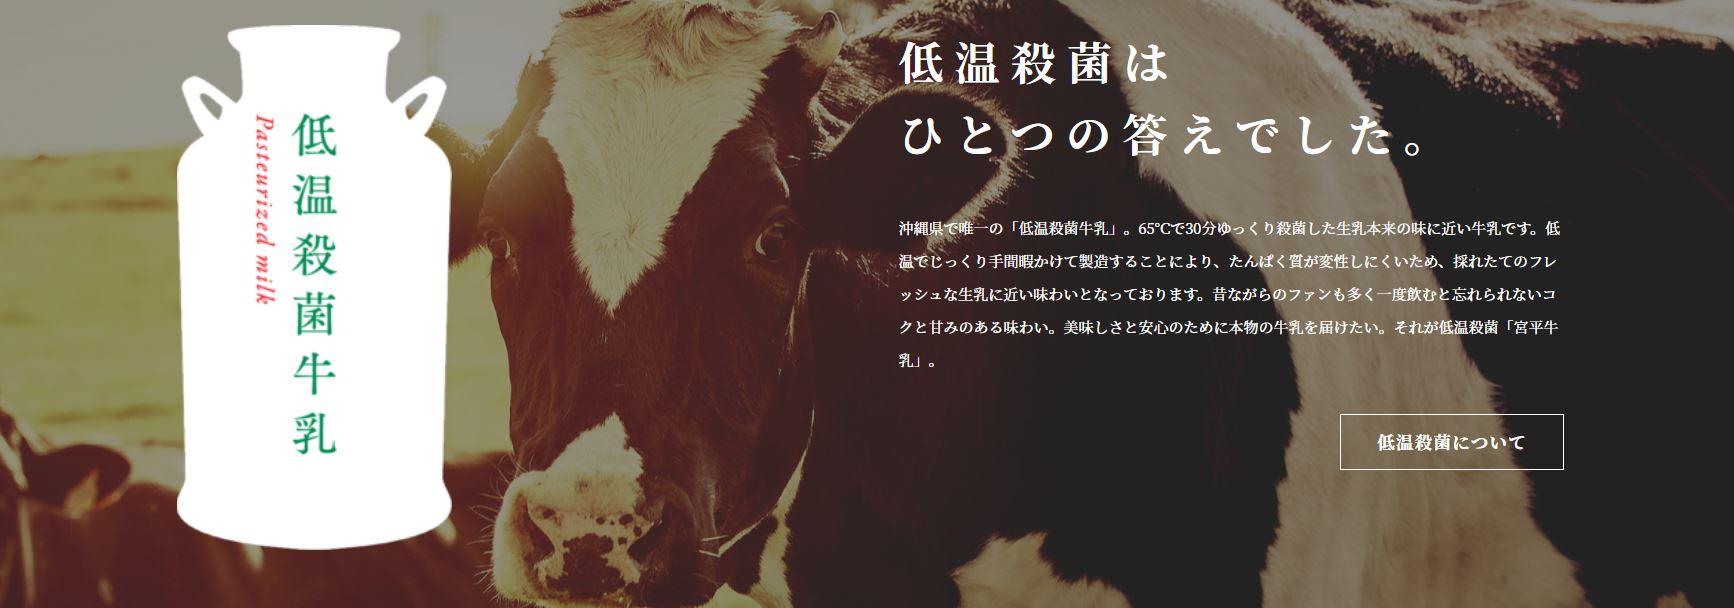 低温殺菌について|宮平牛乳を扱った宮平ジェラート(アイスクリーム)の通販オンラインショップ|沖縄宮平グッズ